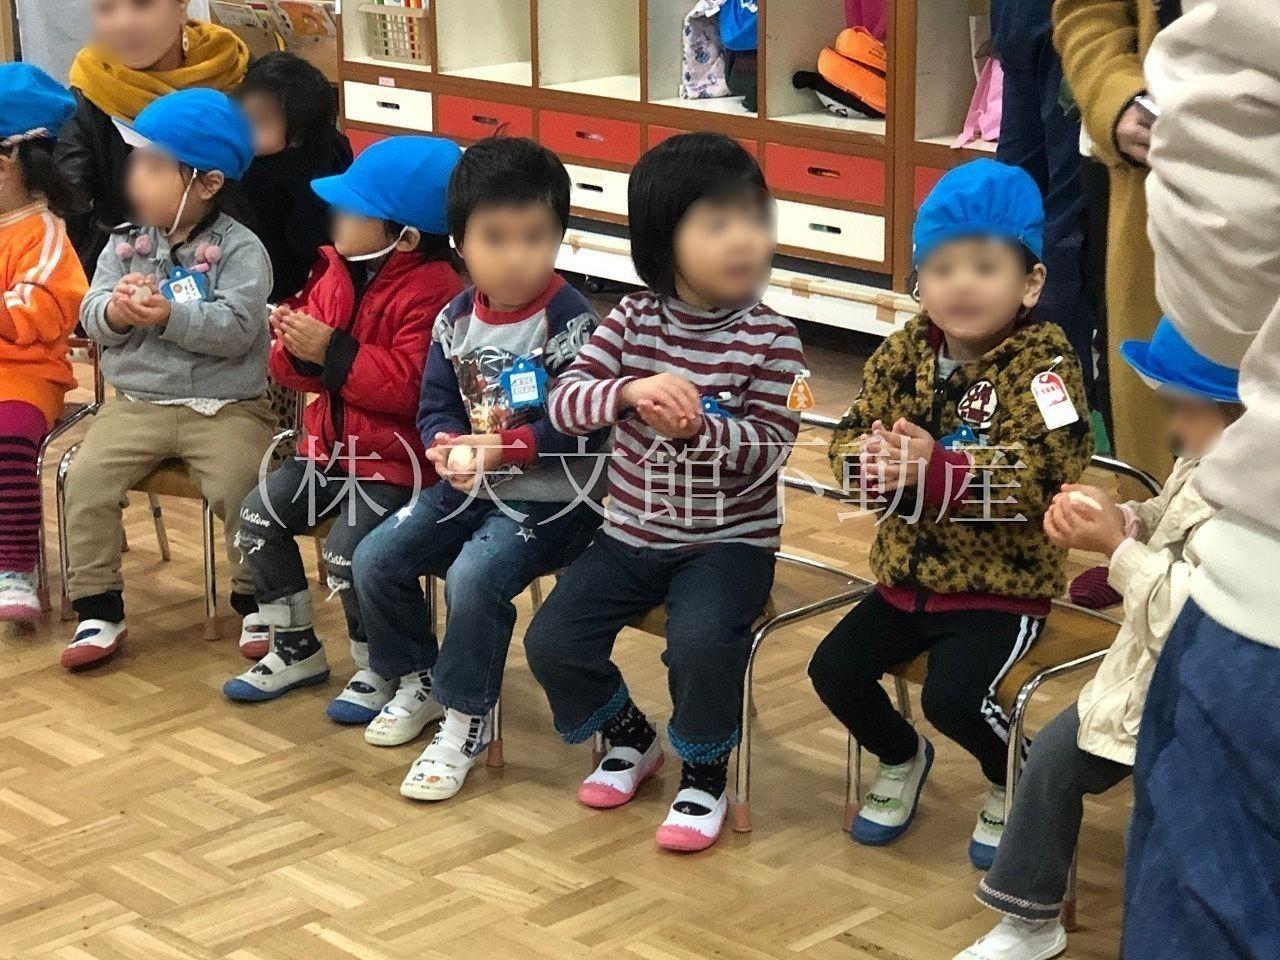 幼稚園の餅つき大会 子供たちも楽しそうです。